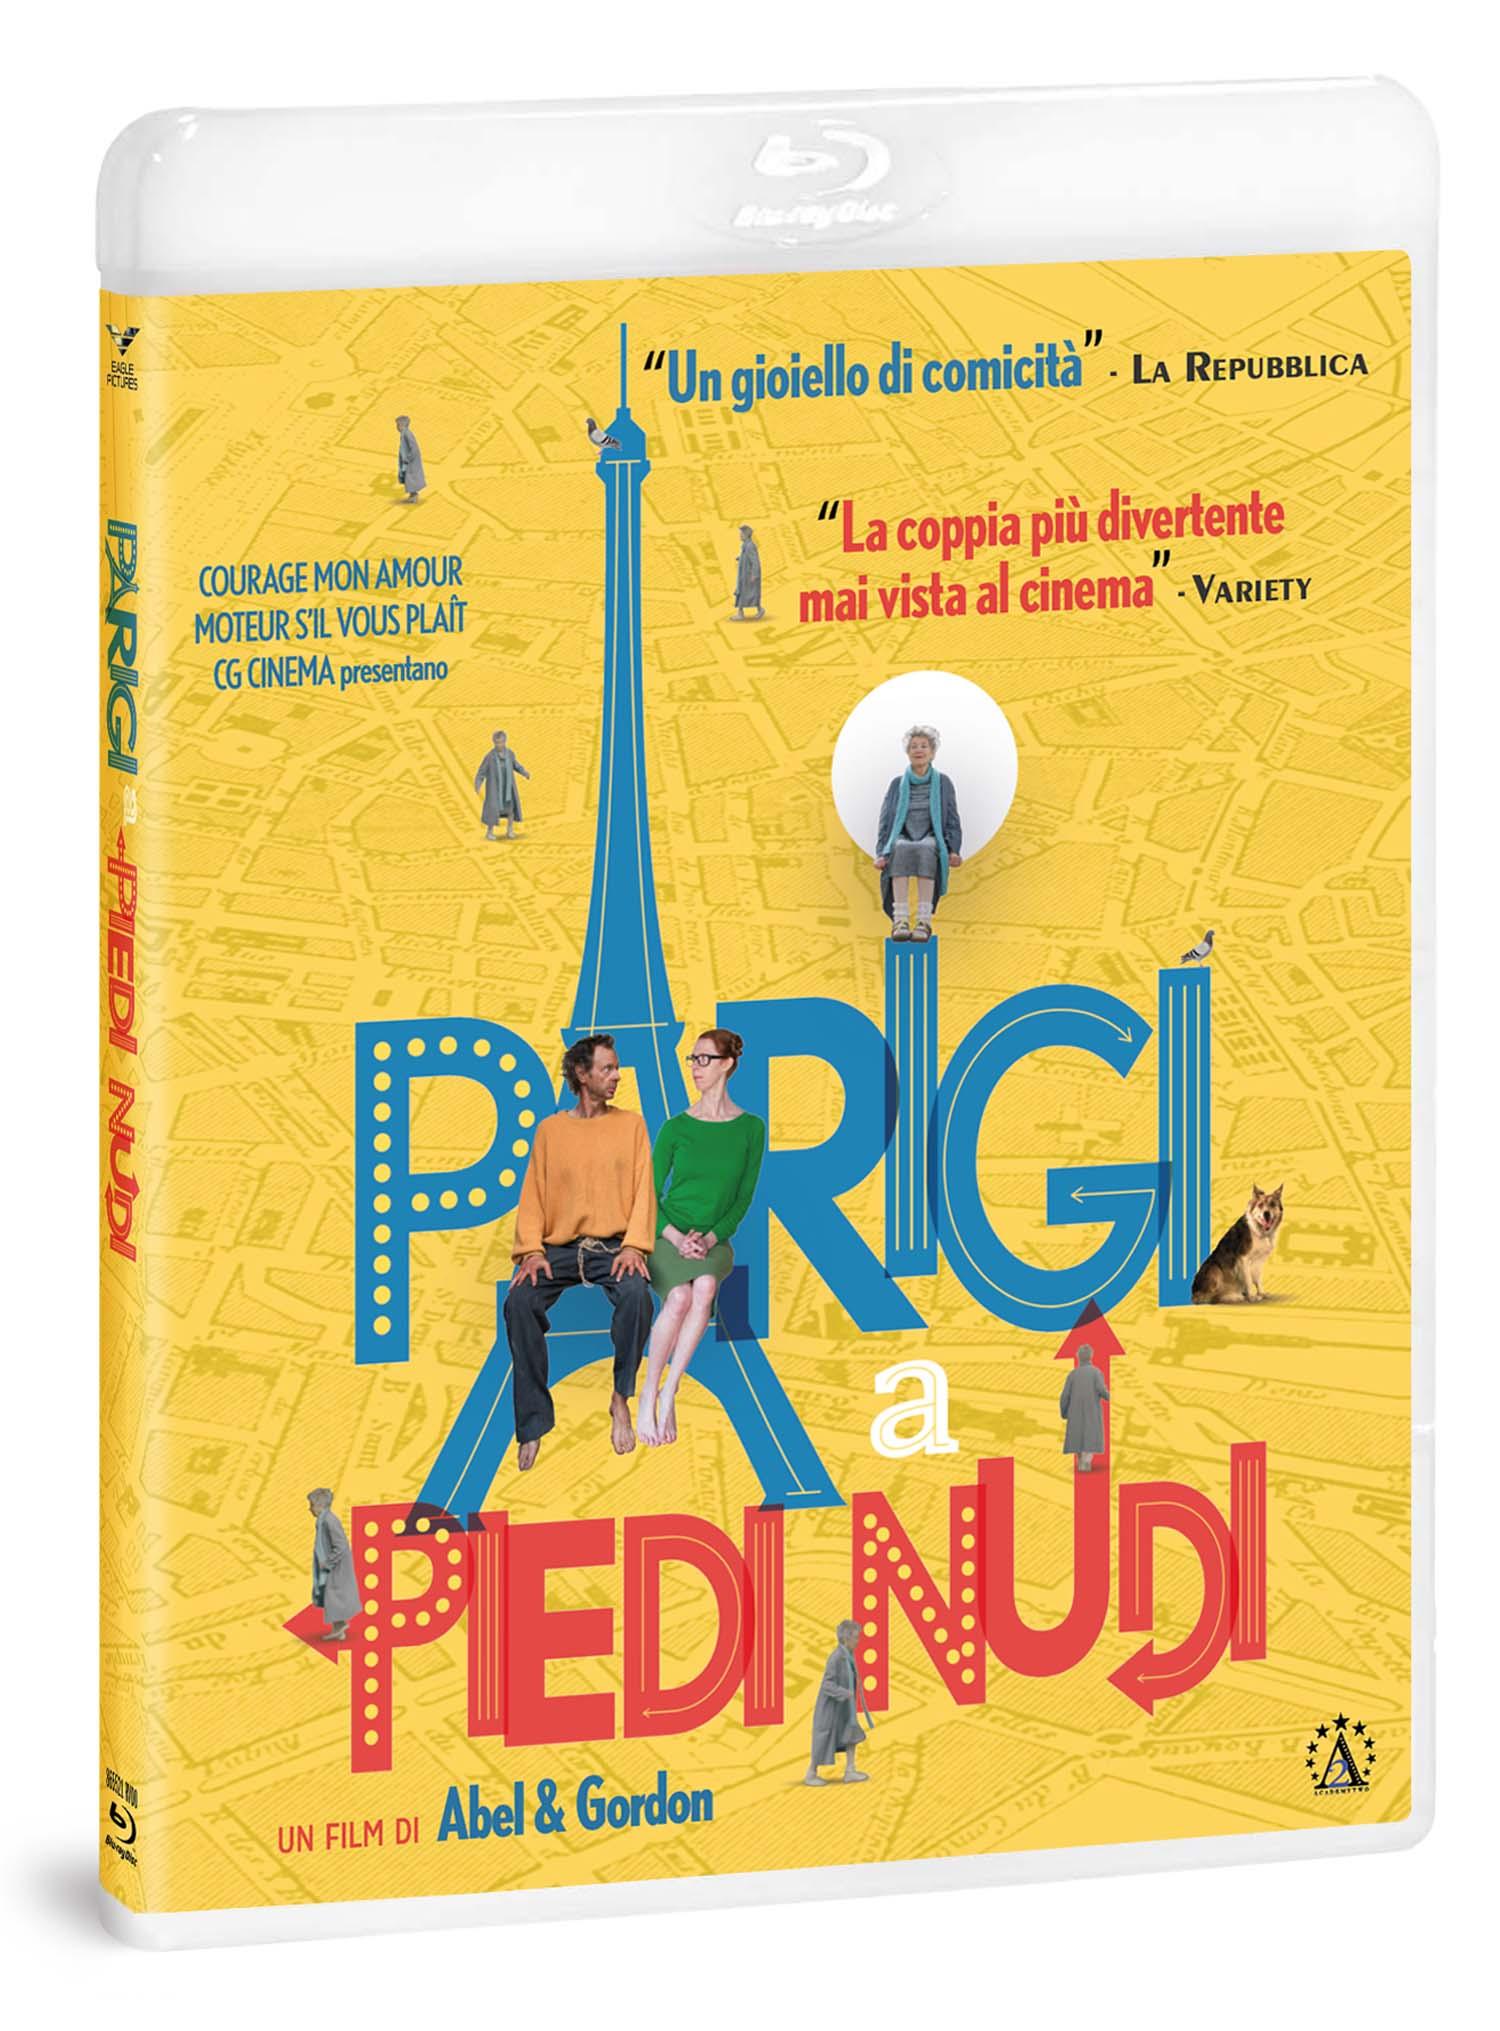 PARIGI A PIEDI NUDI - BLU RAY